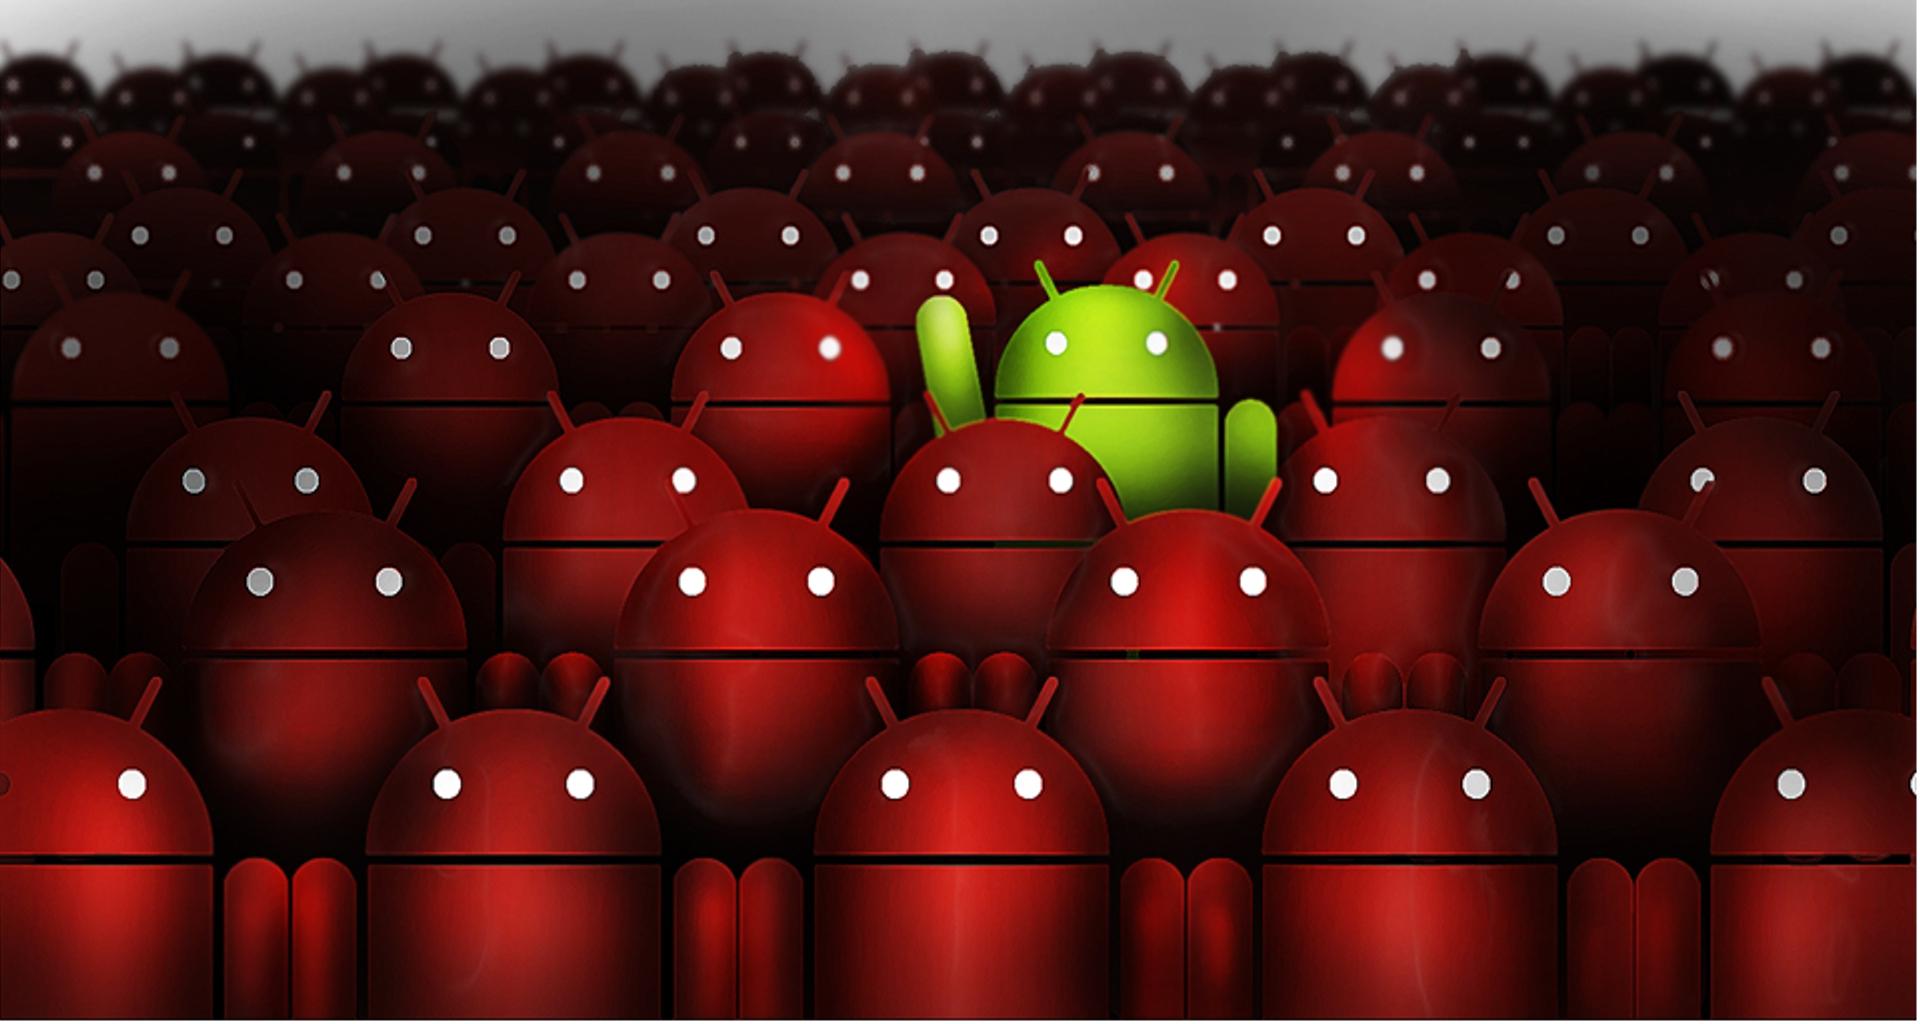 Avast objevil adware v Obchodě Play, aplikace mají více než 30 mil. instalací